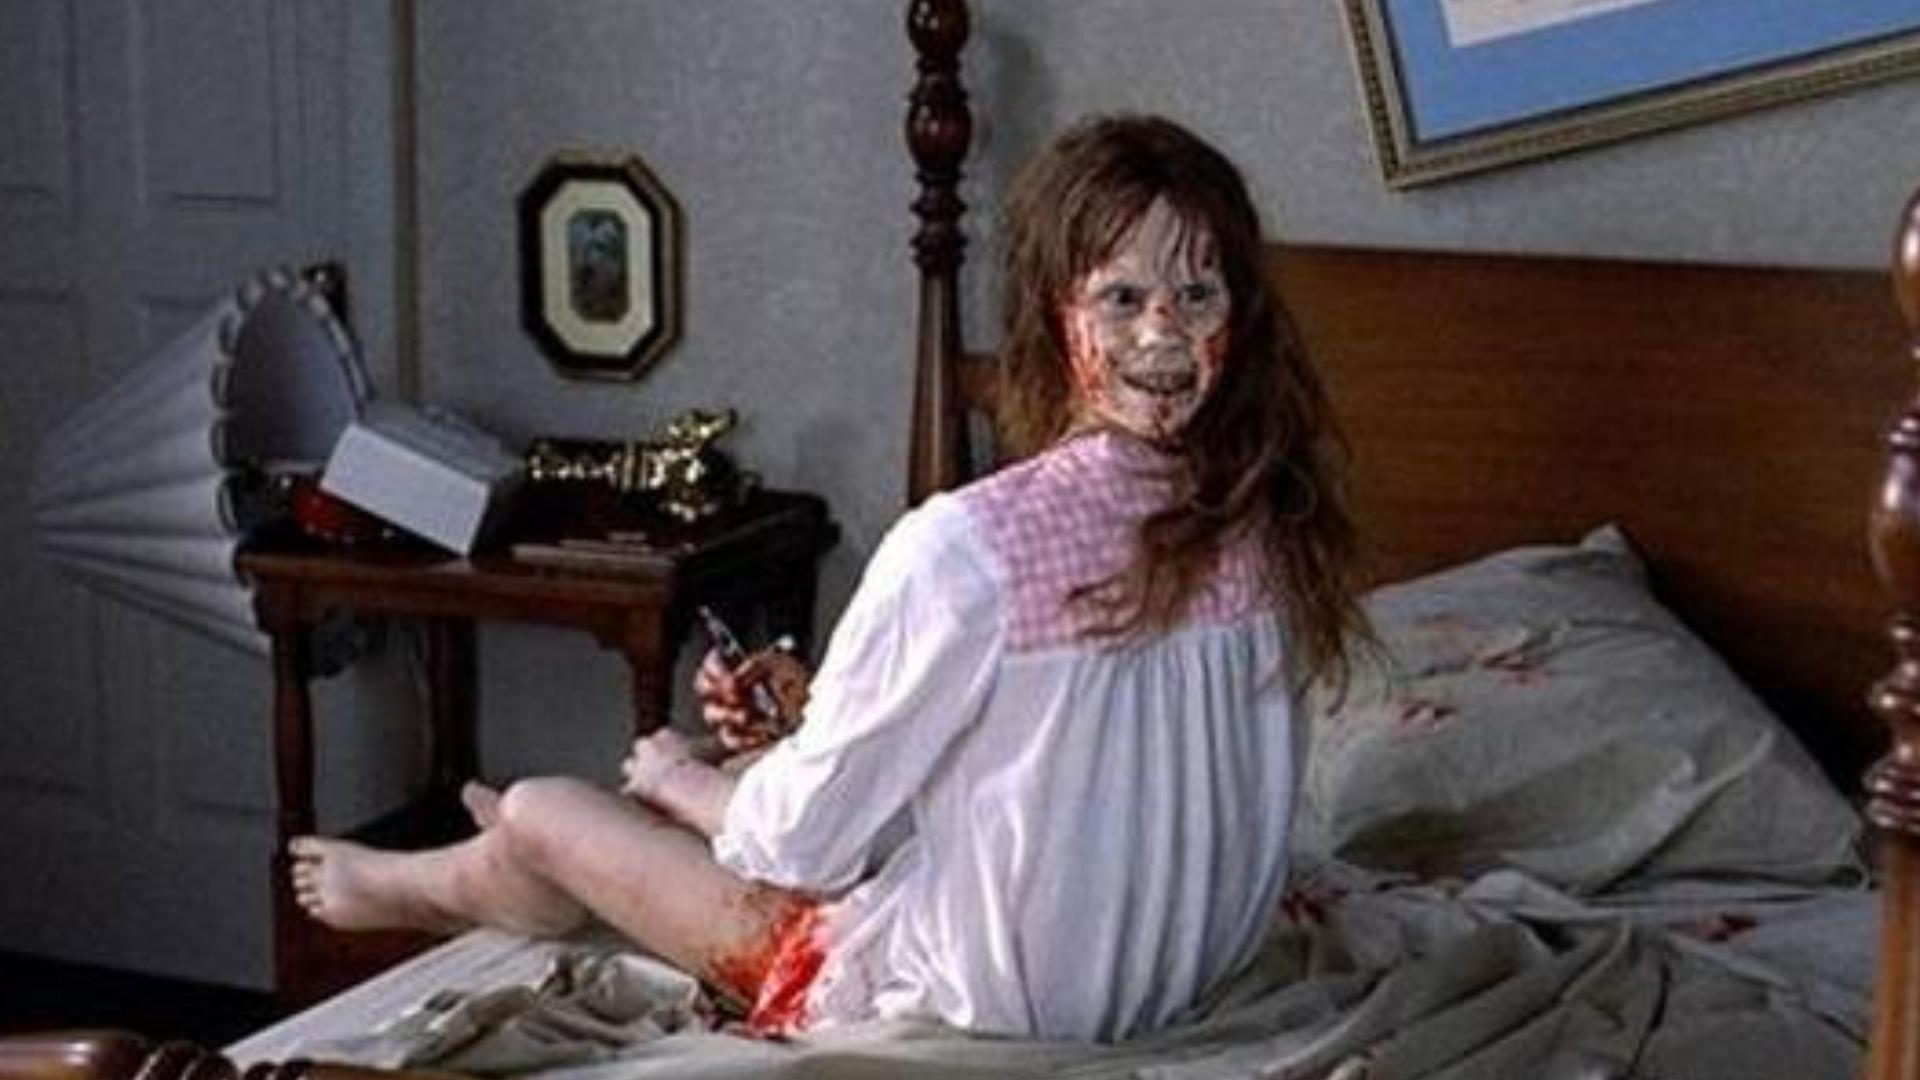 最经典的恐怖片,恶魔藏身少女体内,头能旋转360度,超级恶心